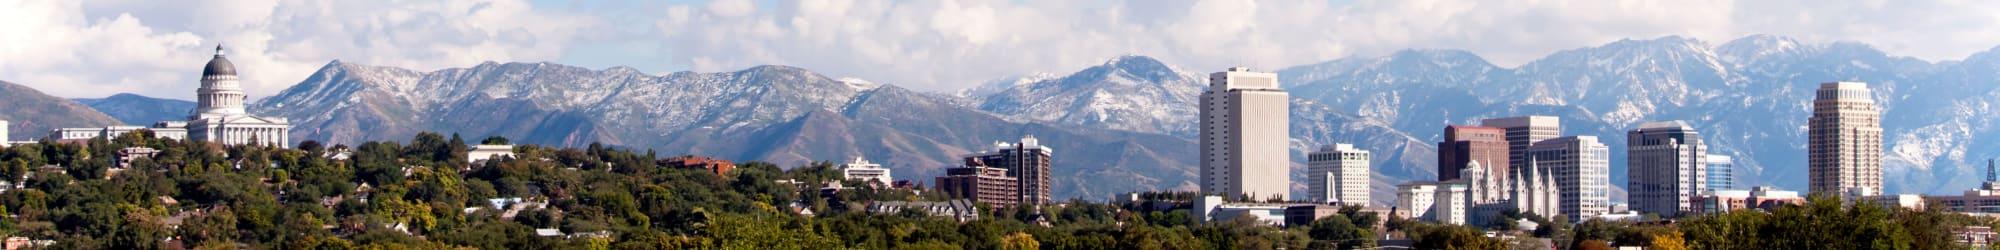 Neighborhood at Liberty SKY in Salt Lake City, Utah